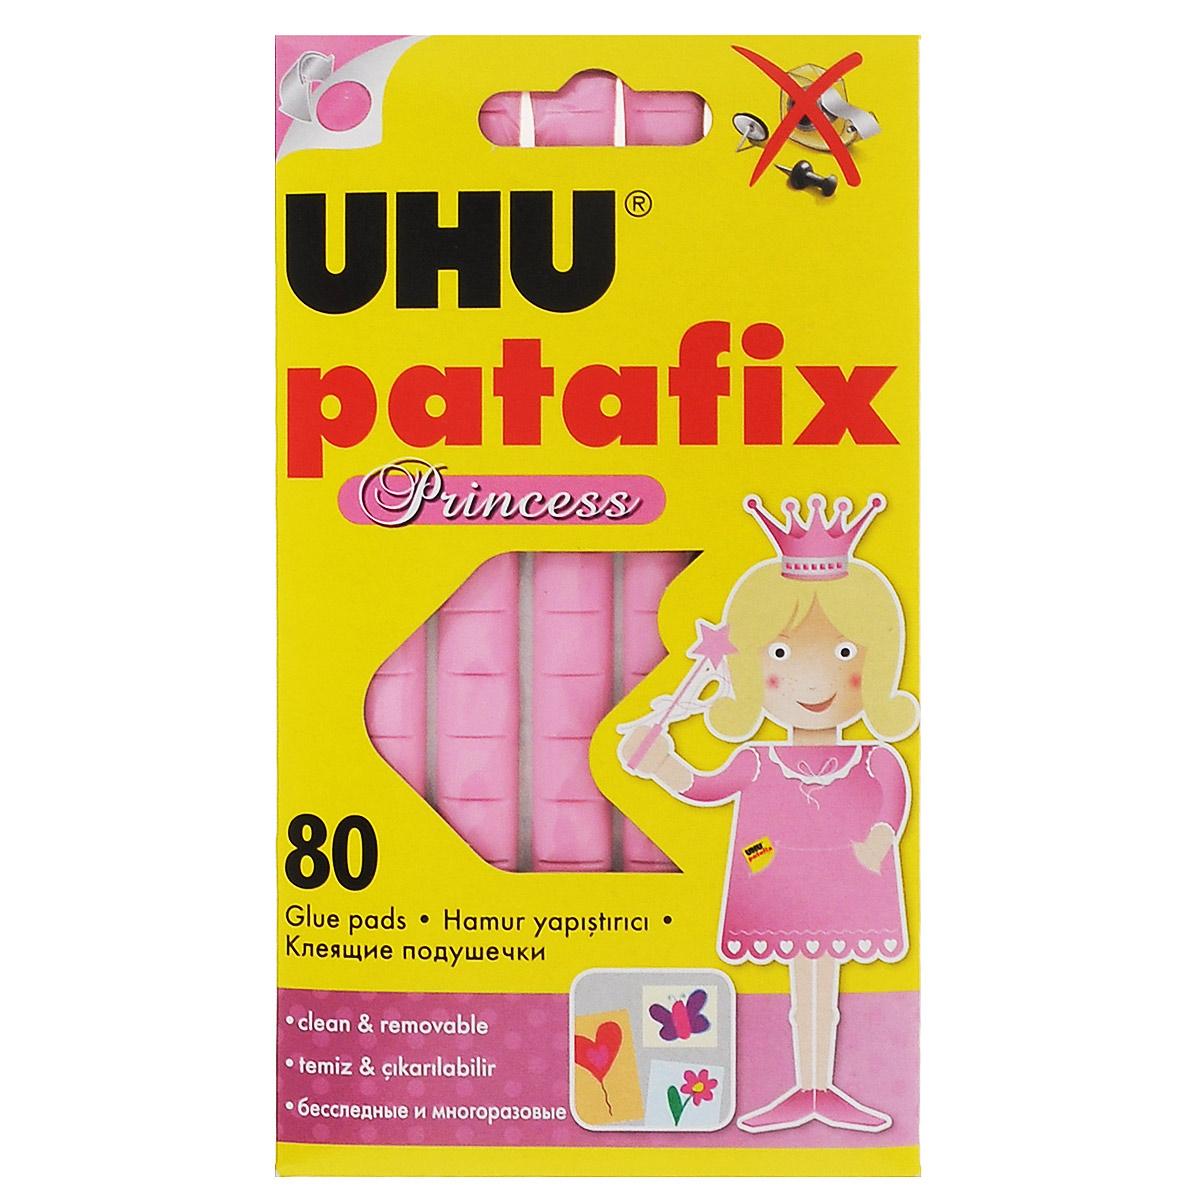 Клеевые подушечки UHU  Patafix. Princess , цвет: розовый, 80 шт -  Клейкая лента